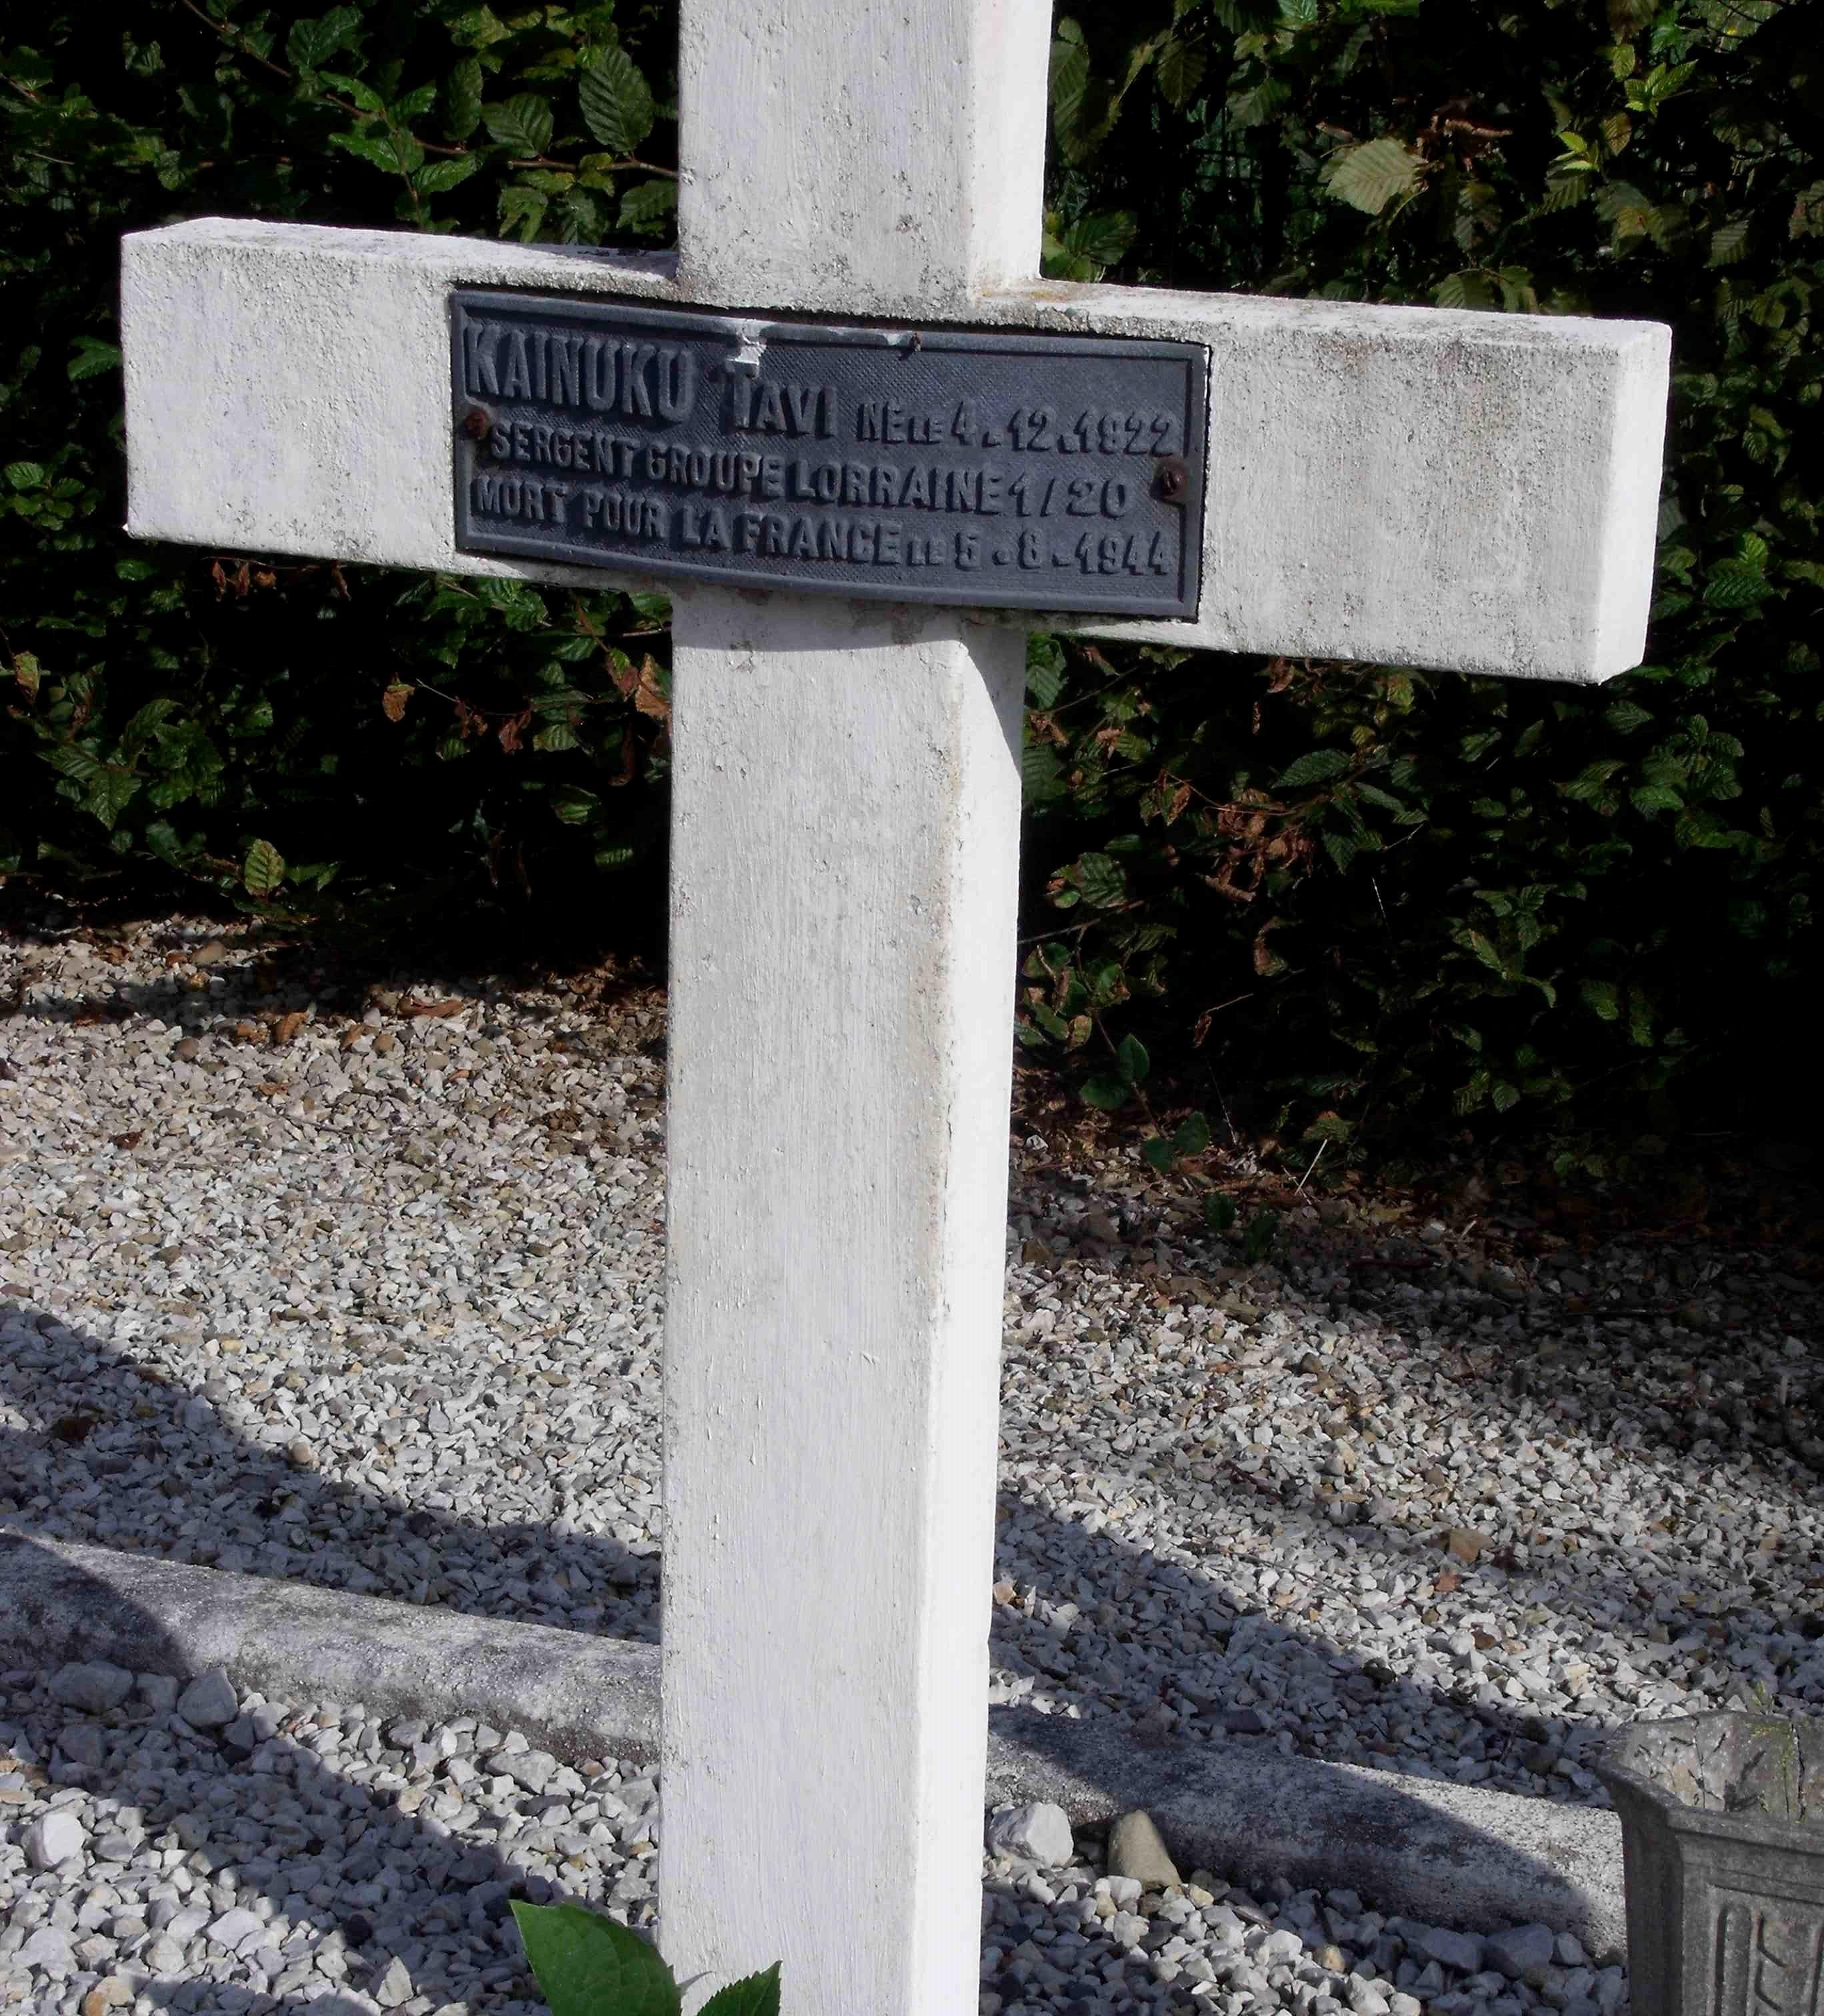 Le « petit Kainuku » évoqué par Matthew. Mort pour la France le 5 août 44. Il repose maintenant avec des camarades pilotes du groupe Lorraine dans un petit cimetière de Normandie. Ils sont entourés de leurs collègues de la Royal Air Force et de la Royal Australian Air Force, abattus pendant la bataille de Normandie ©T.REDON